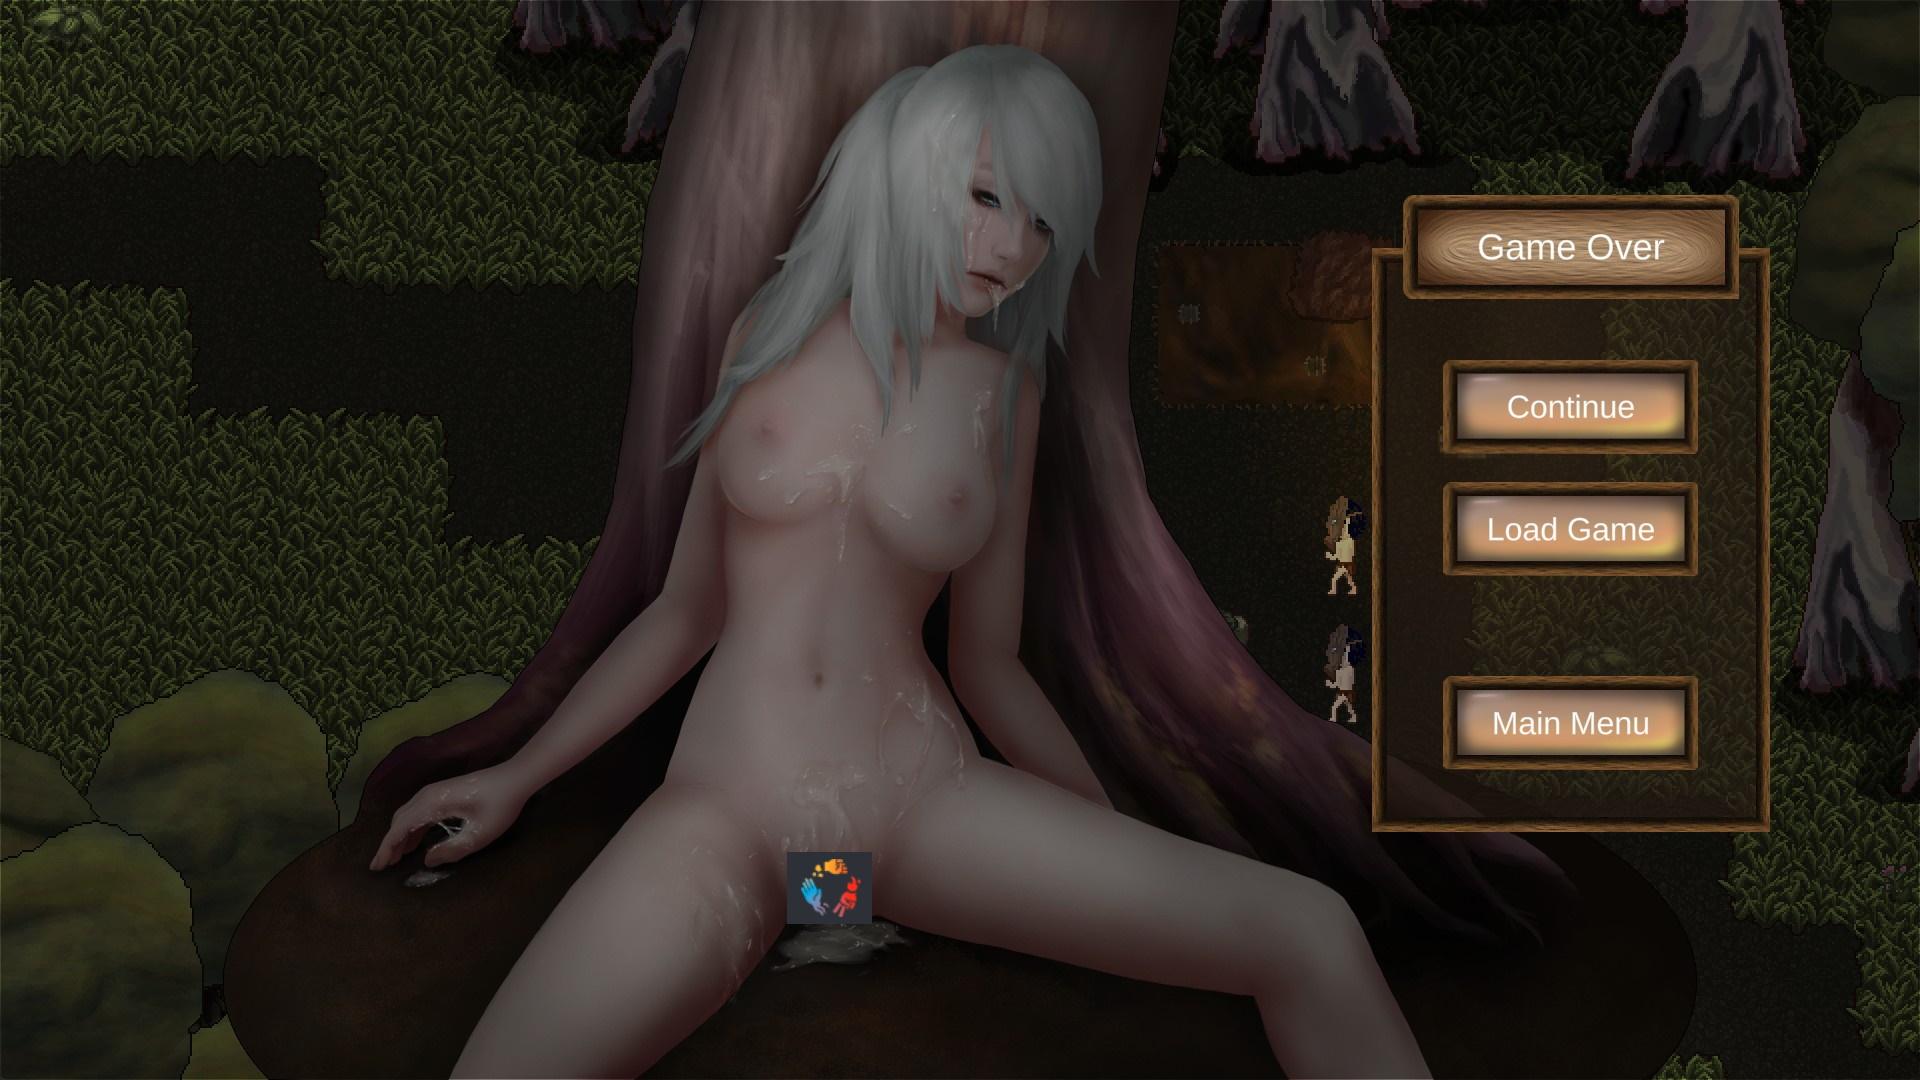 [adult-games] Игровая Клубничка 52: Cвязанная с духом. - Изображение 18